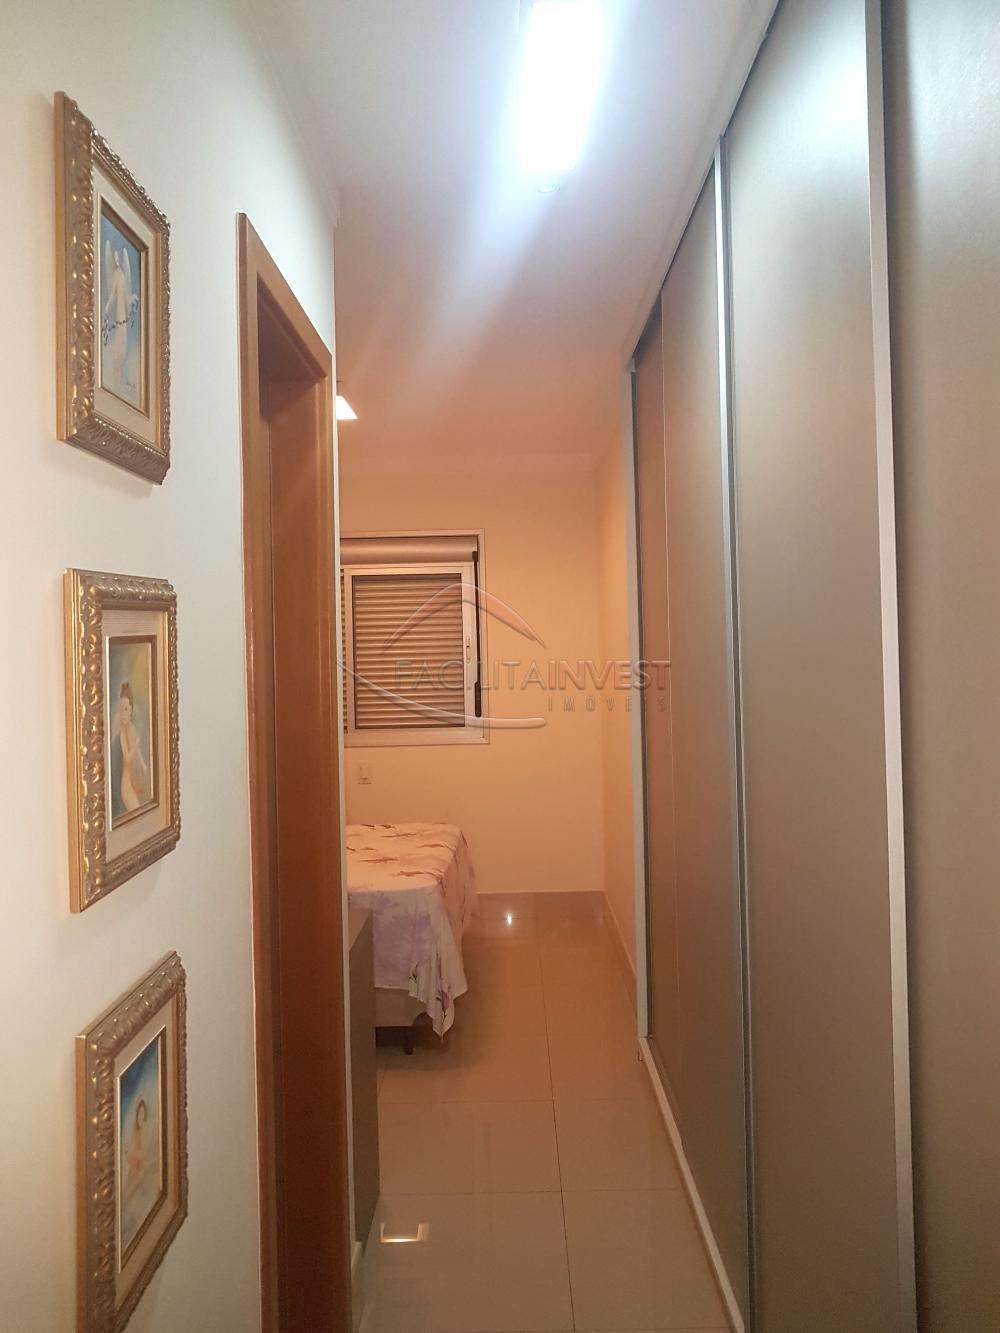 Comprar Apartamentos / Apart. Padrão em Ribeirão Preto apenas R$ 1.050.000,00 - Foto 19